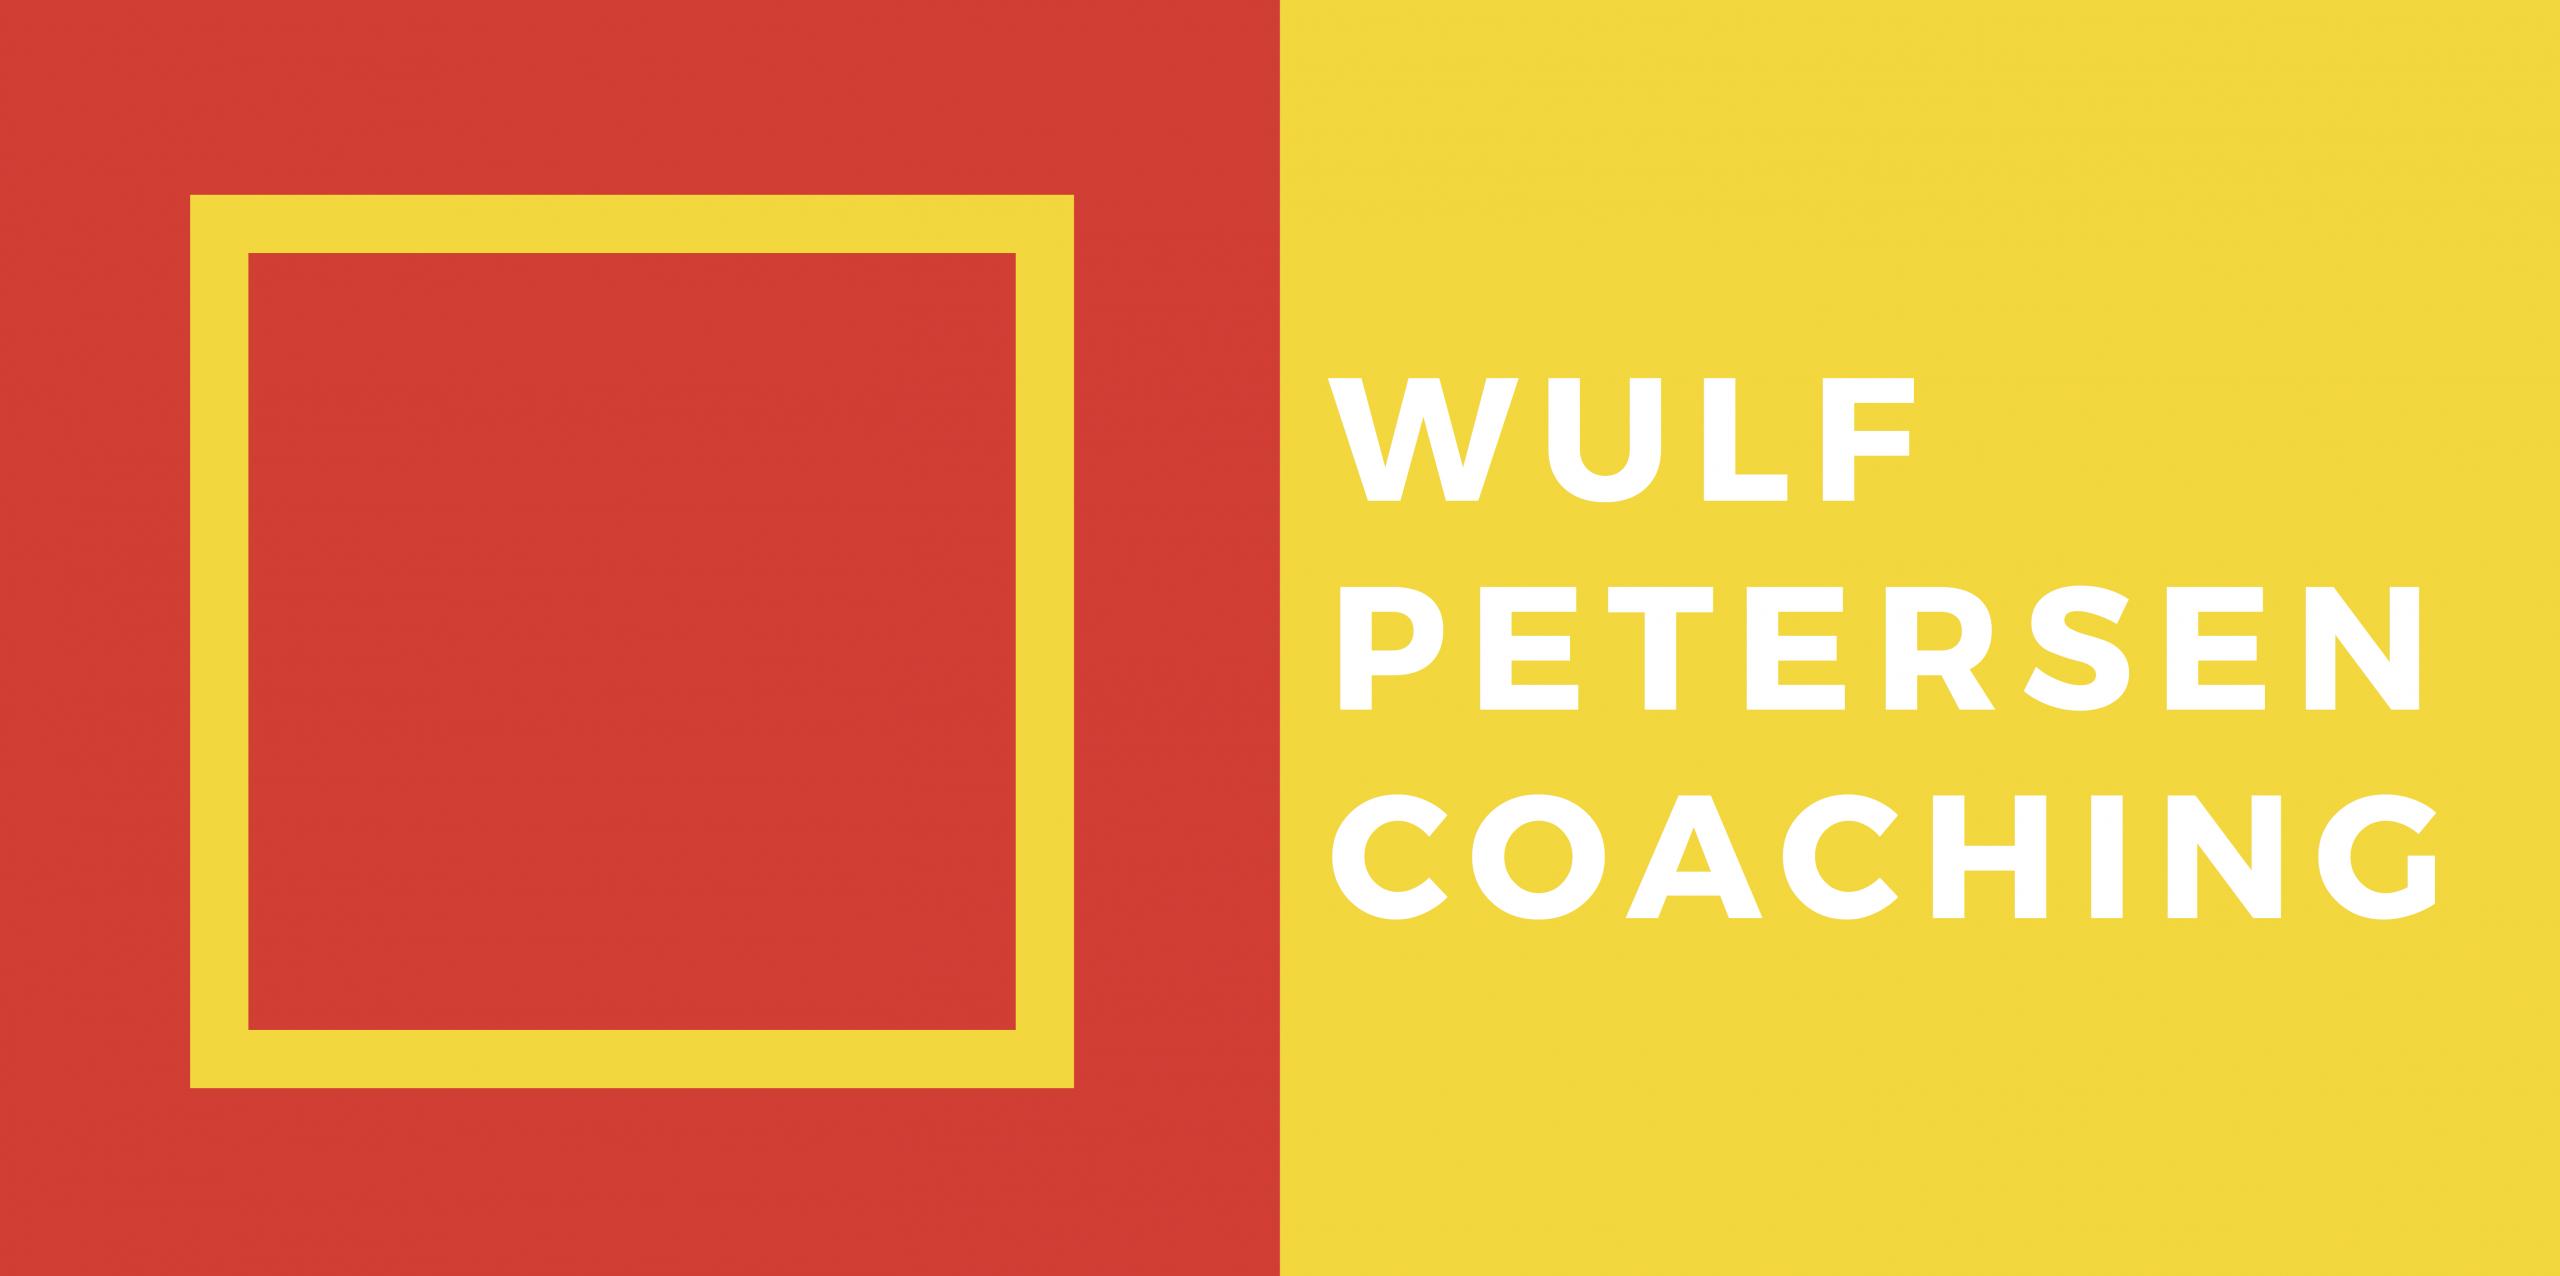 Wulf Petersen Coaching